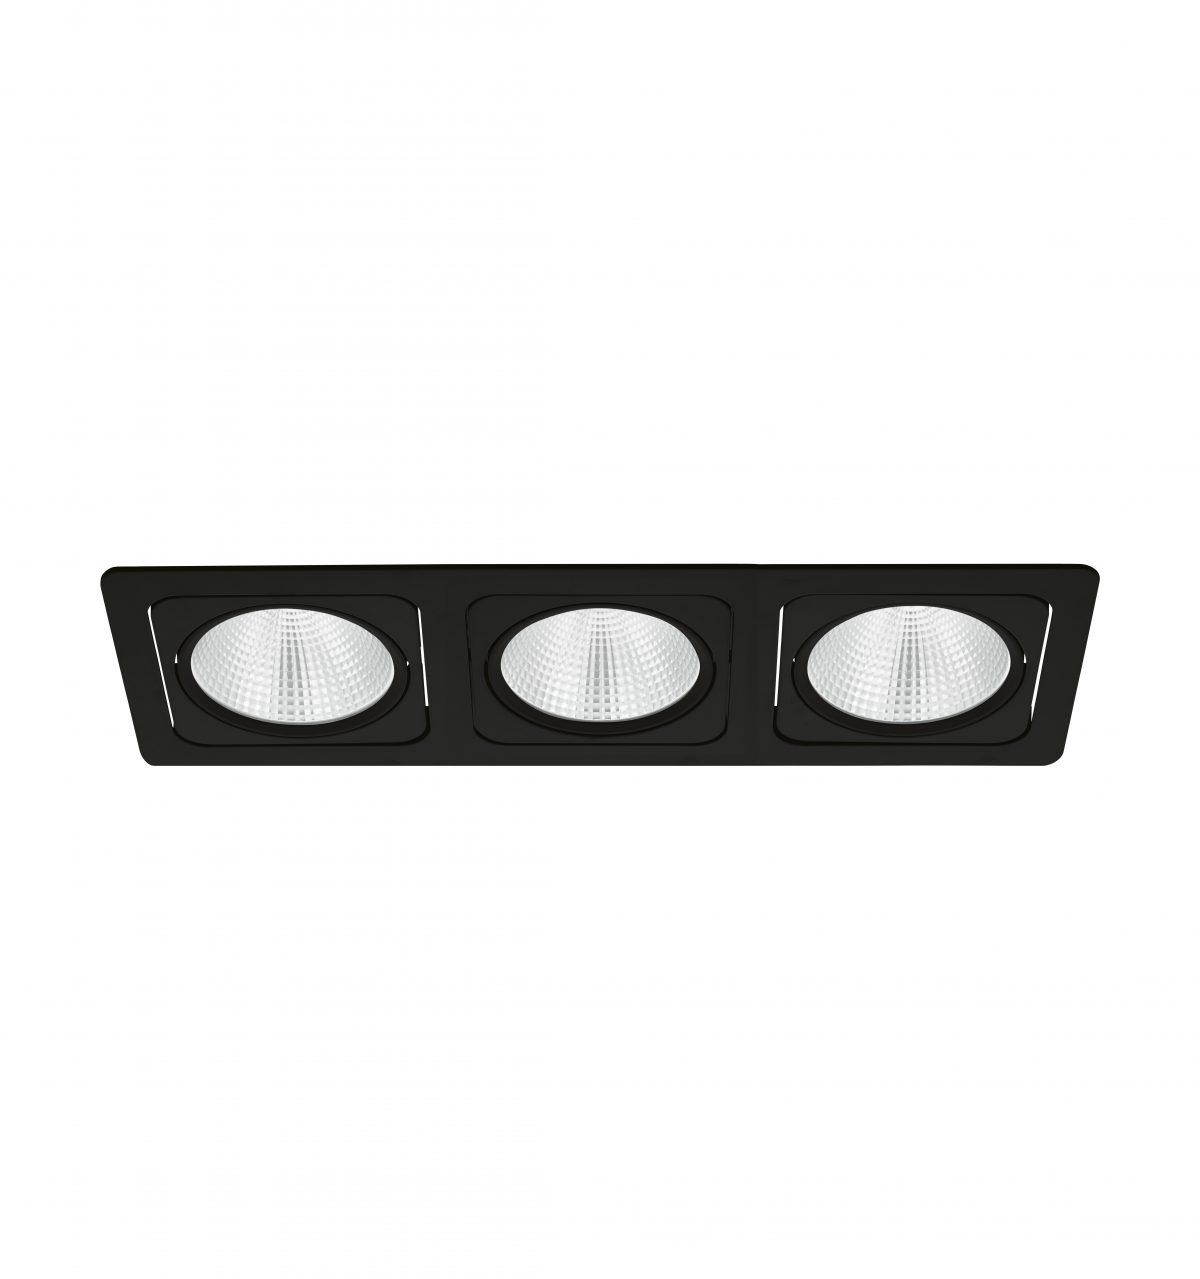 Светильник настенно-потолочный VASCELLO/PROFESSION EGLO 61686 - Фото №28